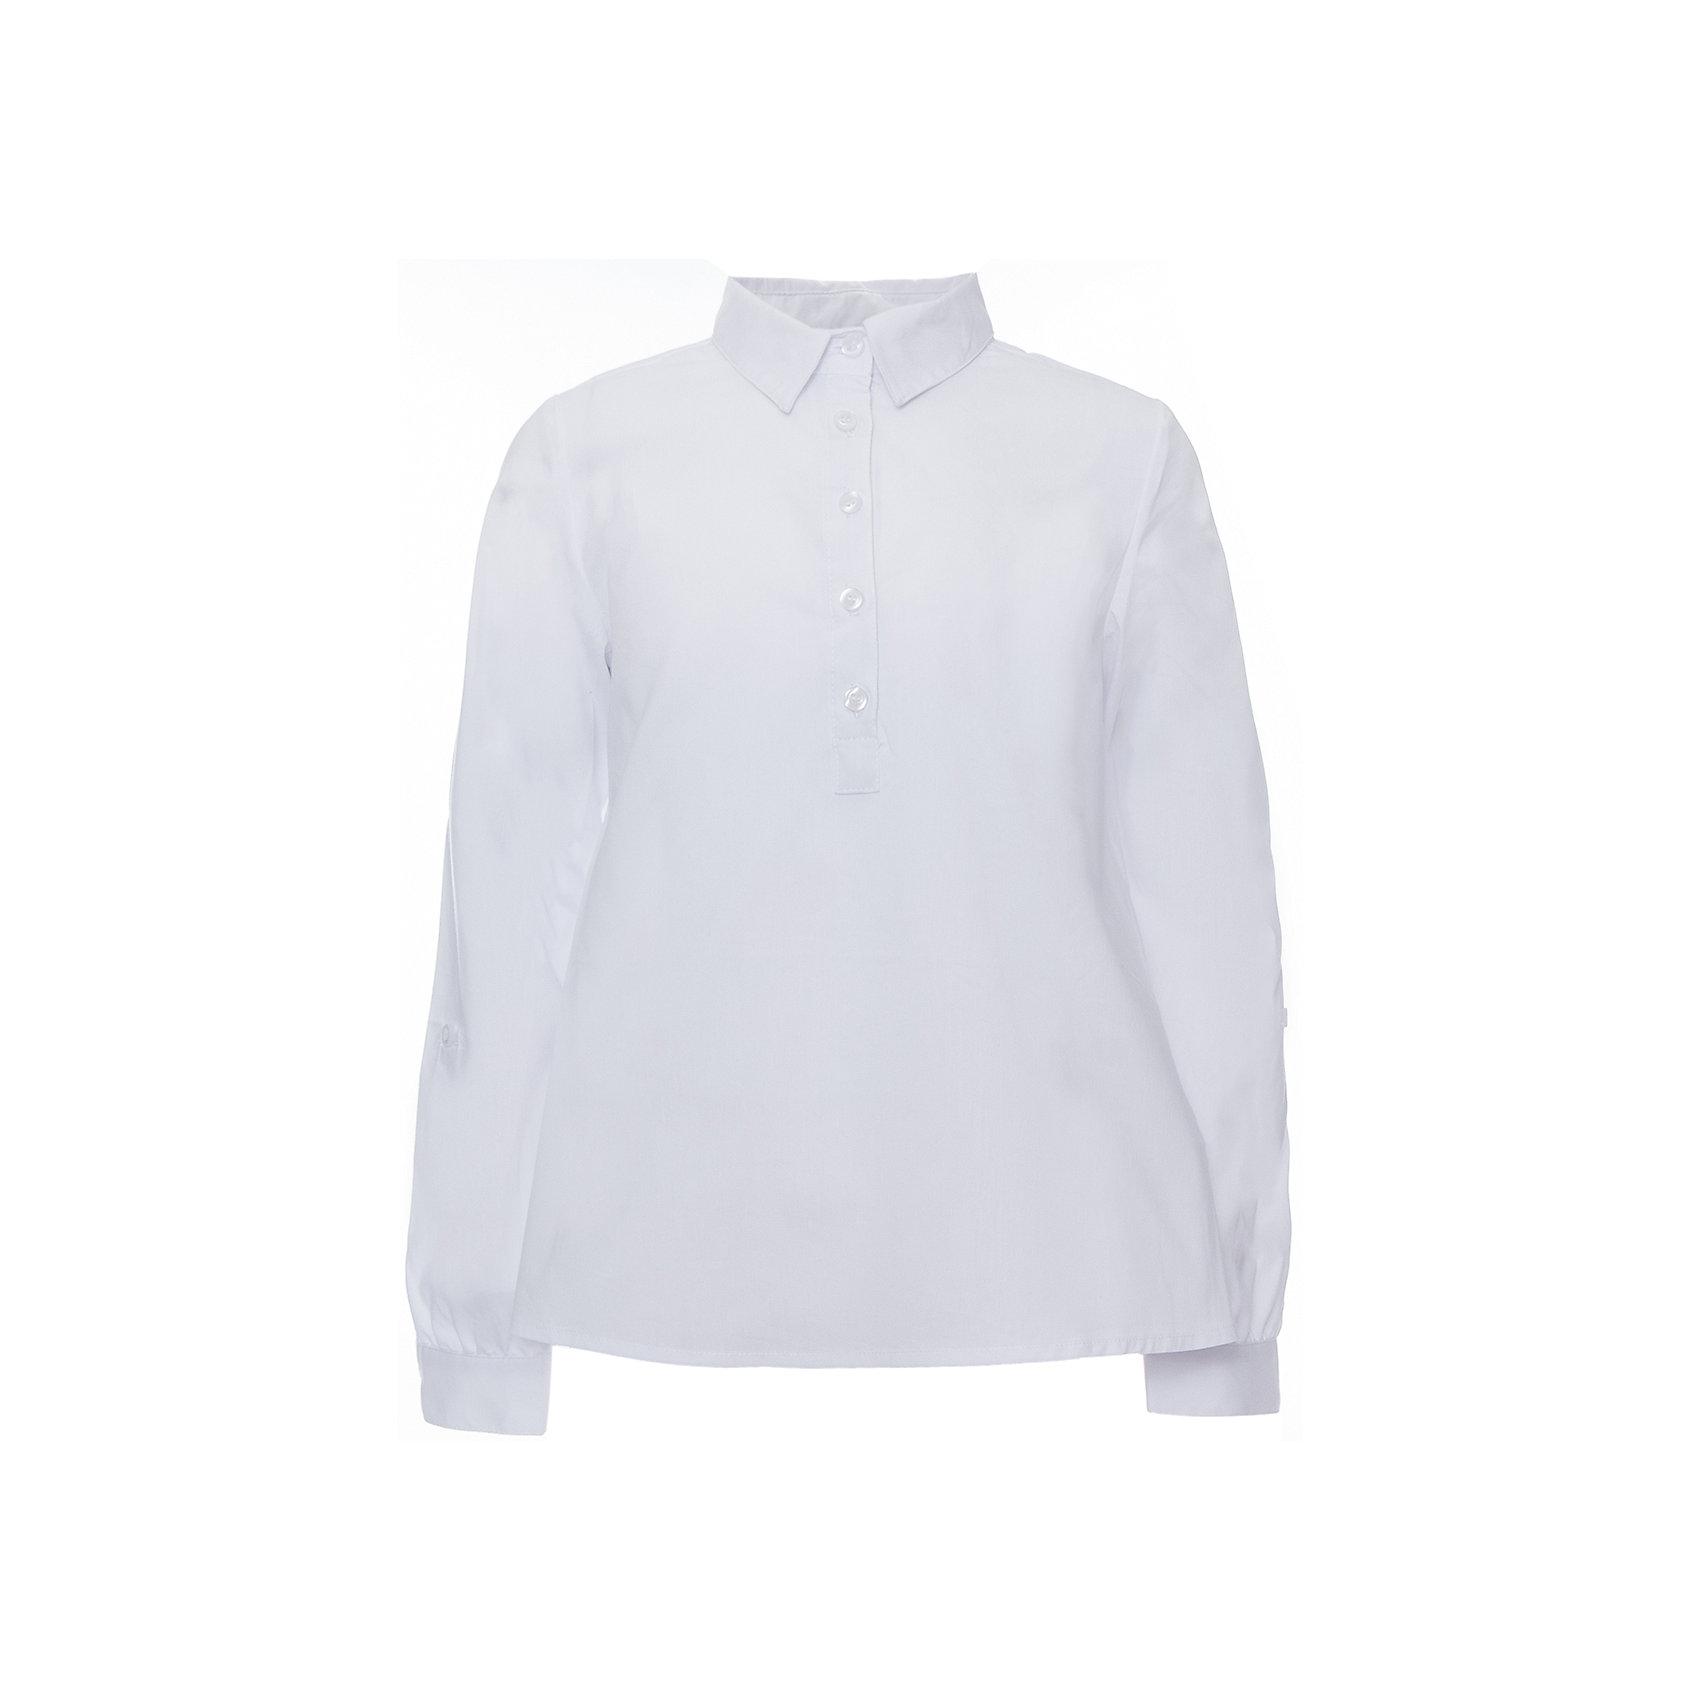 Блузка текстильная для девочки ScoolБлузки и рубашки<br>Блузка текстильная для девочки Scool<br>Блузка в классическом стиле с длинным рукавом сможет дополнить повседневный гардероб ребенка. Модель с отложным воротником и заниженной спинкой. Блузка хорошо сочетается как с костюмами так и с джинсами.<br>Состав:<br>68% хлопок, 28% полиэстер, 4% эластан<br><br>Ширина мм: 186<br>Глубина мм: 87<br>Высота мм: 198<br>Вес г: 197<br>Цвет: белый<br>Возраст от месяцев: 156<br>Возраст до месяцев: 168<br>Пол: Женский<br>Возраст: Детский<br>Размер: 164,134,128,140,146,152,158<br>SKU: 6754827